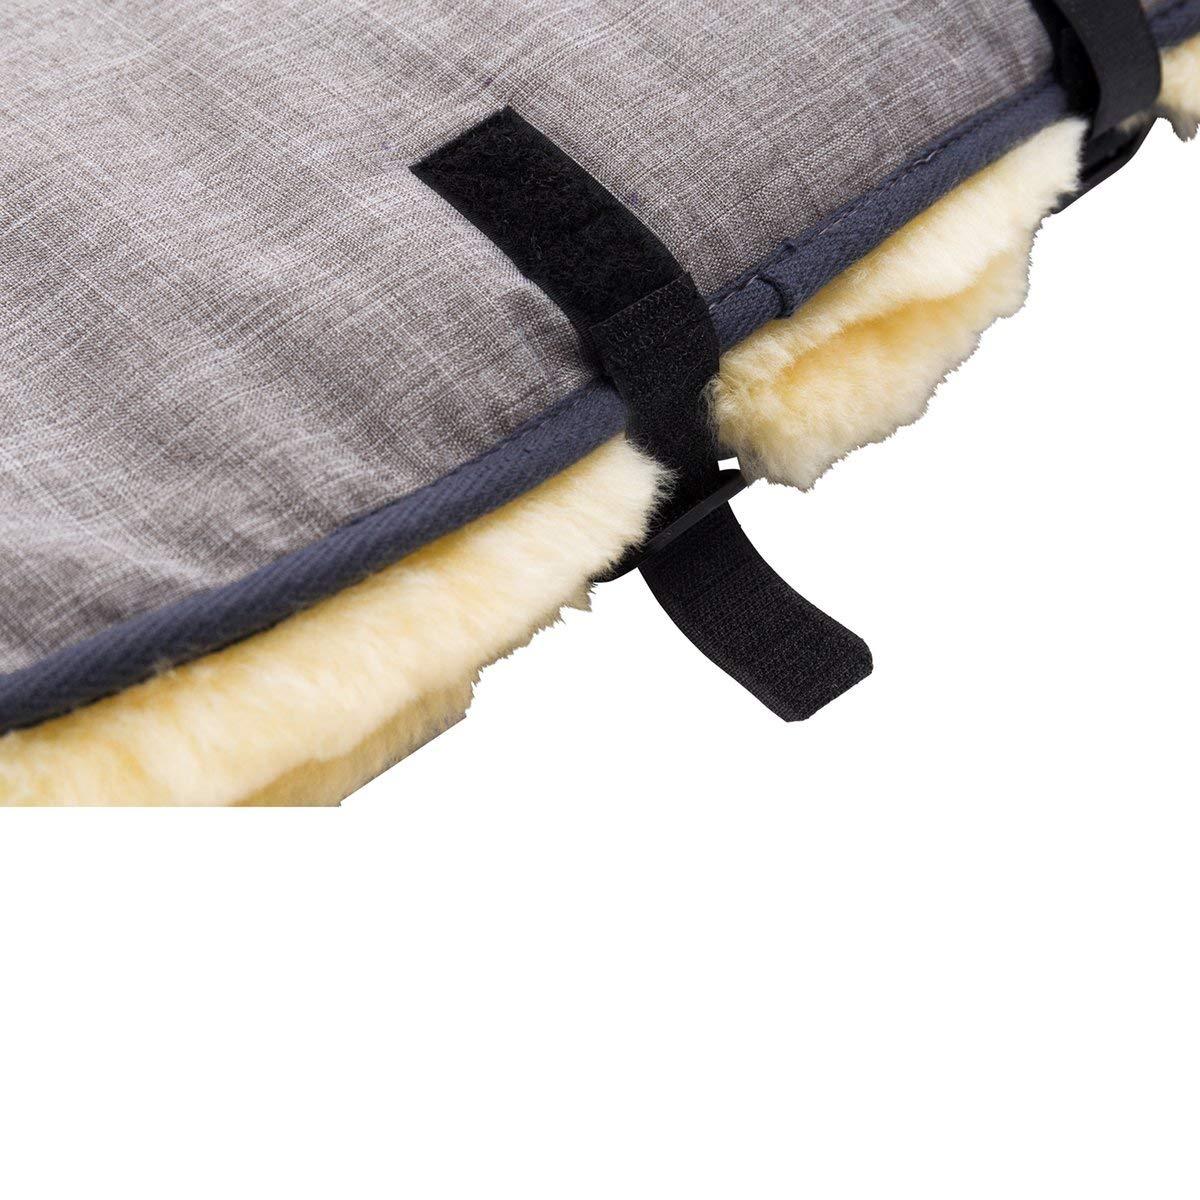 babycab Handw/ärmer Lammfell f/ür Kinderwagen inkl Aufbewahrungstasche mit Druckkn/öpfen wasser- /& windabweisender Muff mit Reflektoren